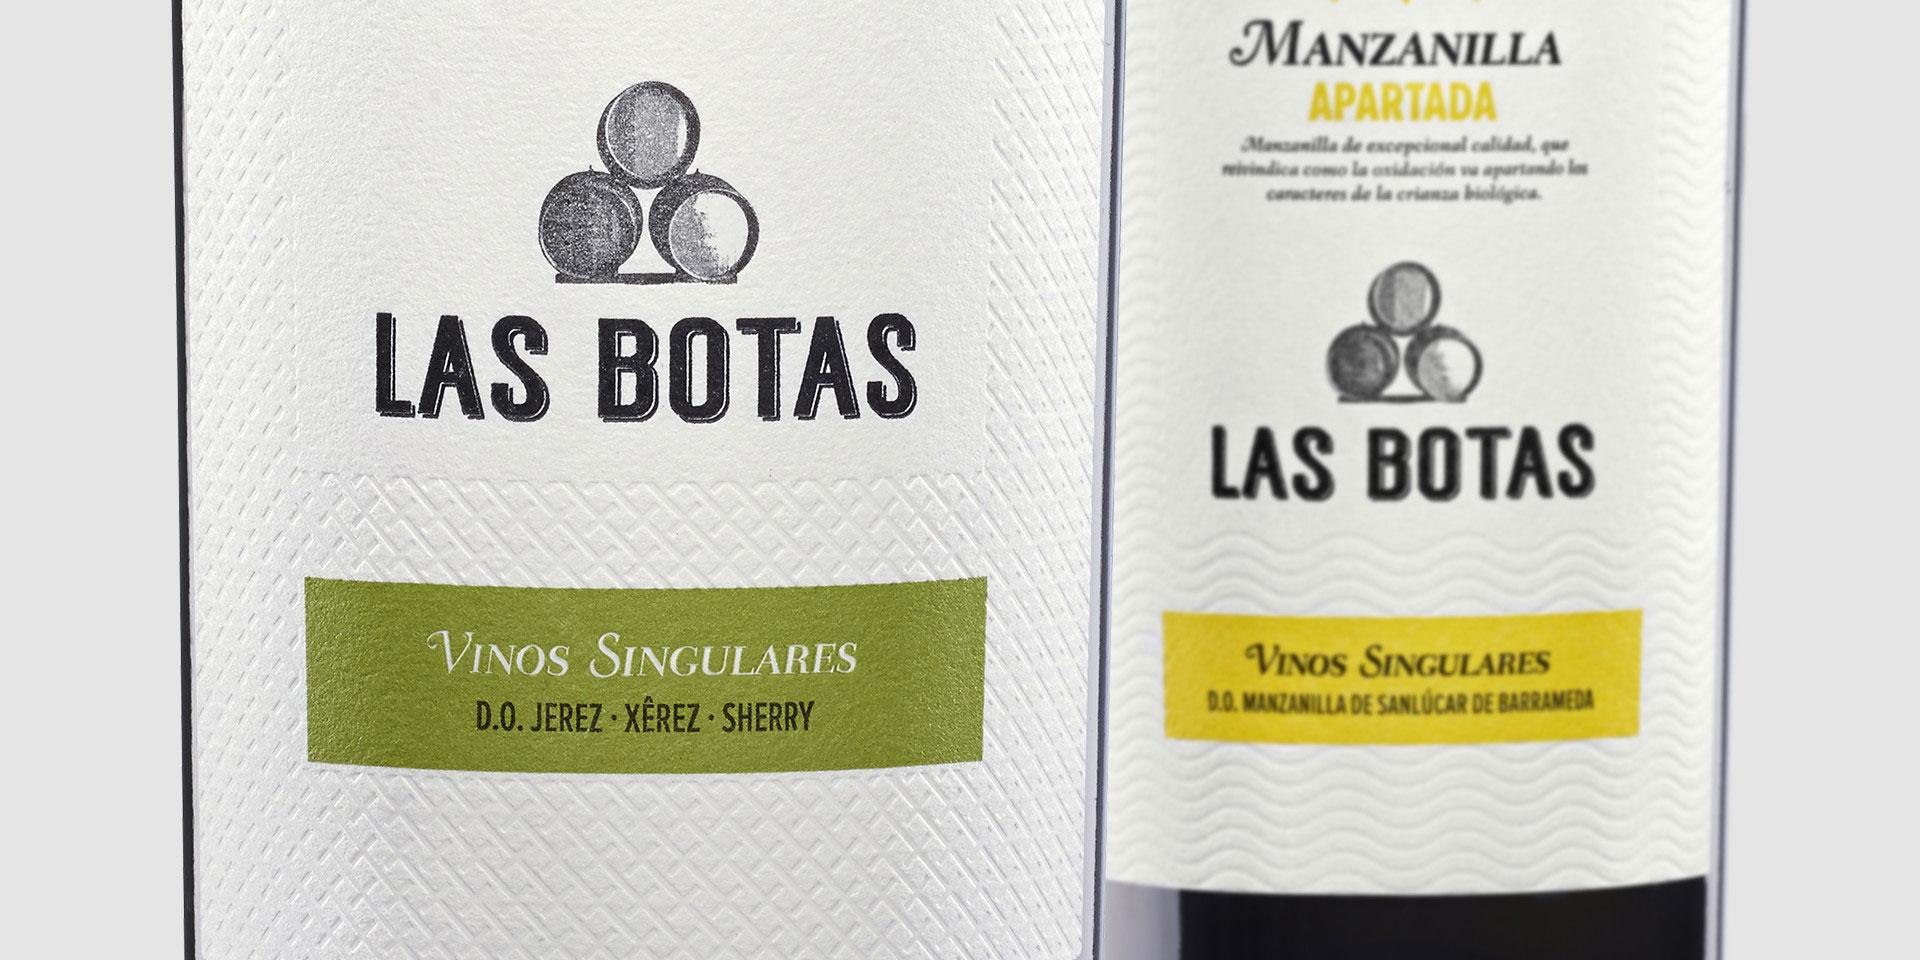 diseño packaging vino Jerez xerez sherry Manzanilla Sanlúcar de Barrameda Las Botas